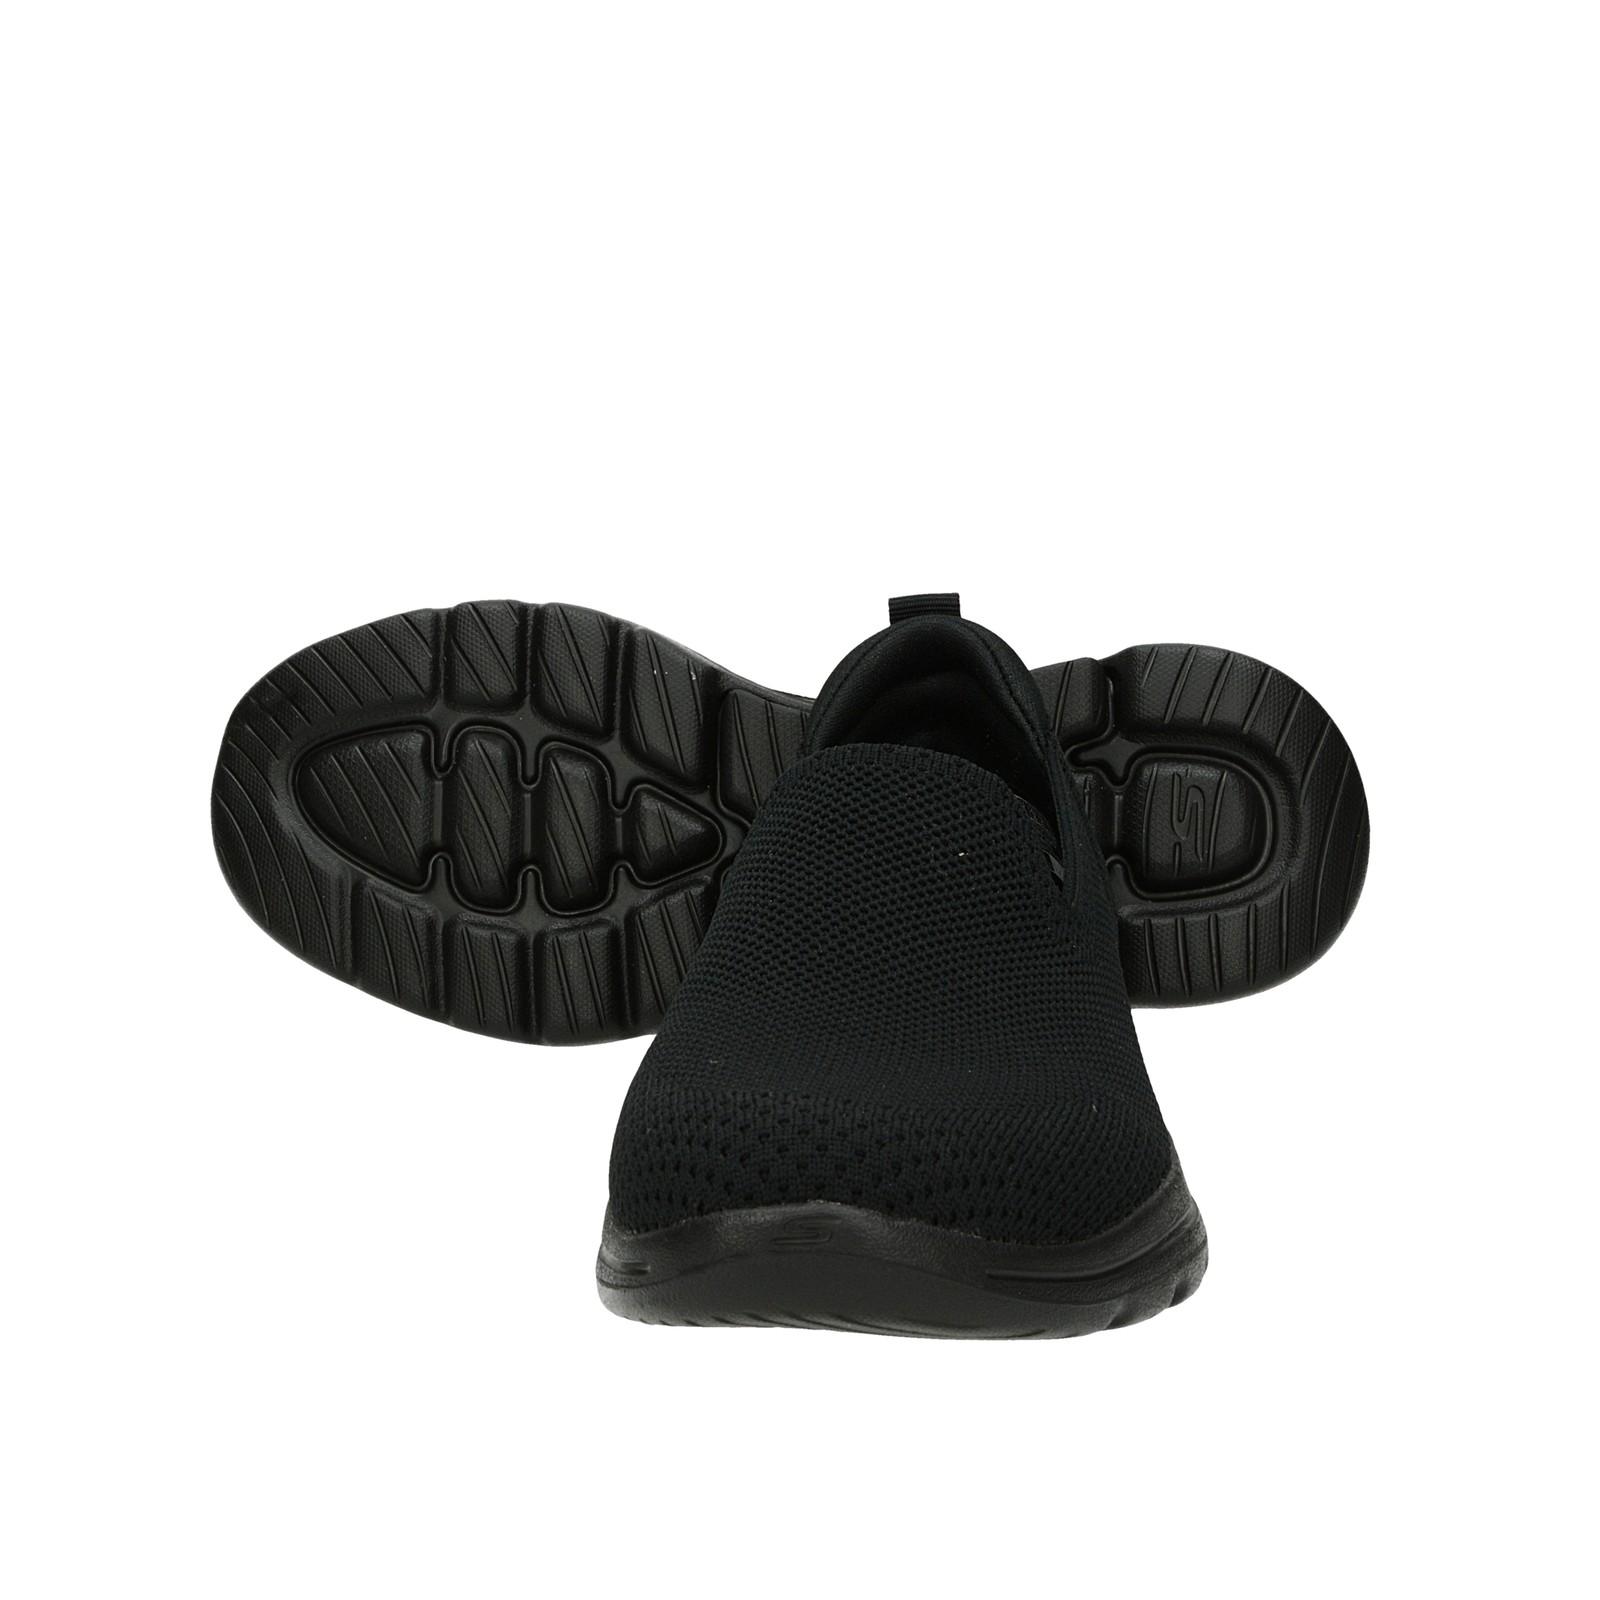 Skechers dámske pohodlné tenisky bez šnúrovania - čierne